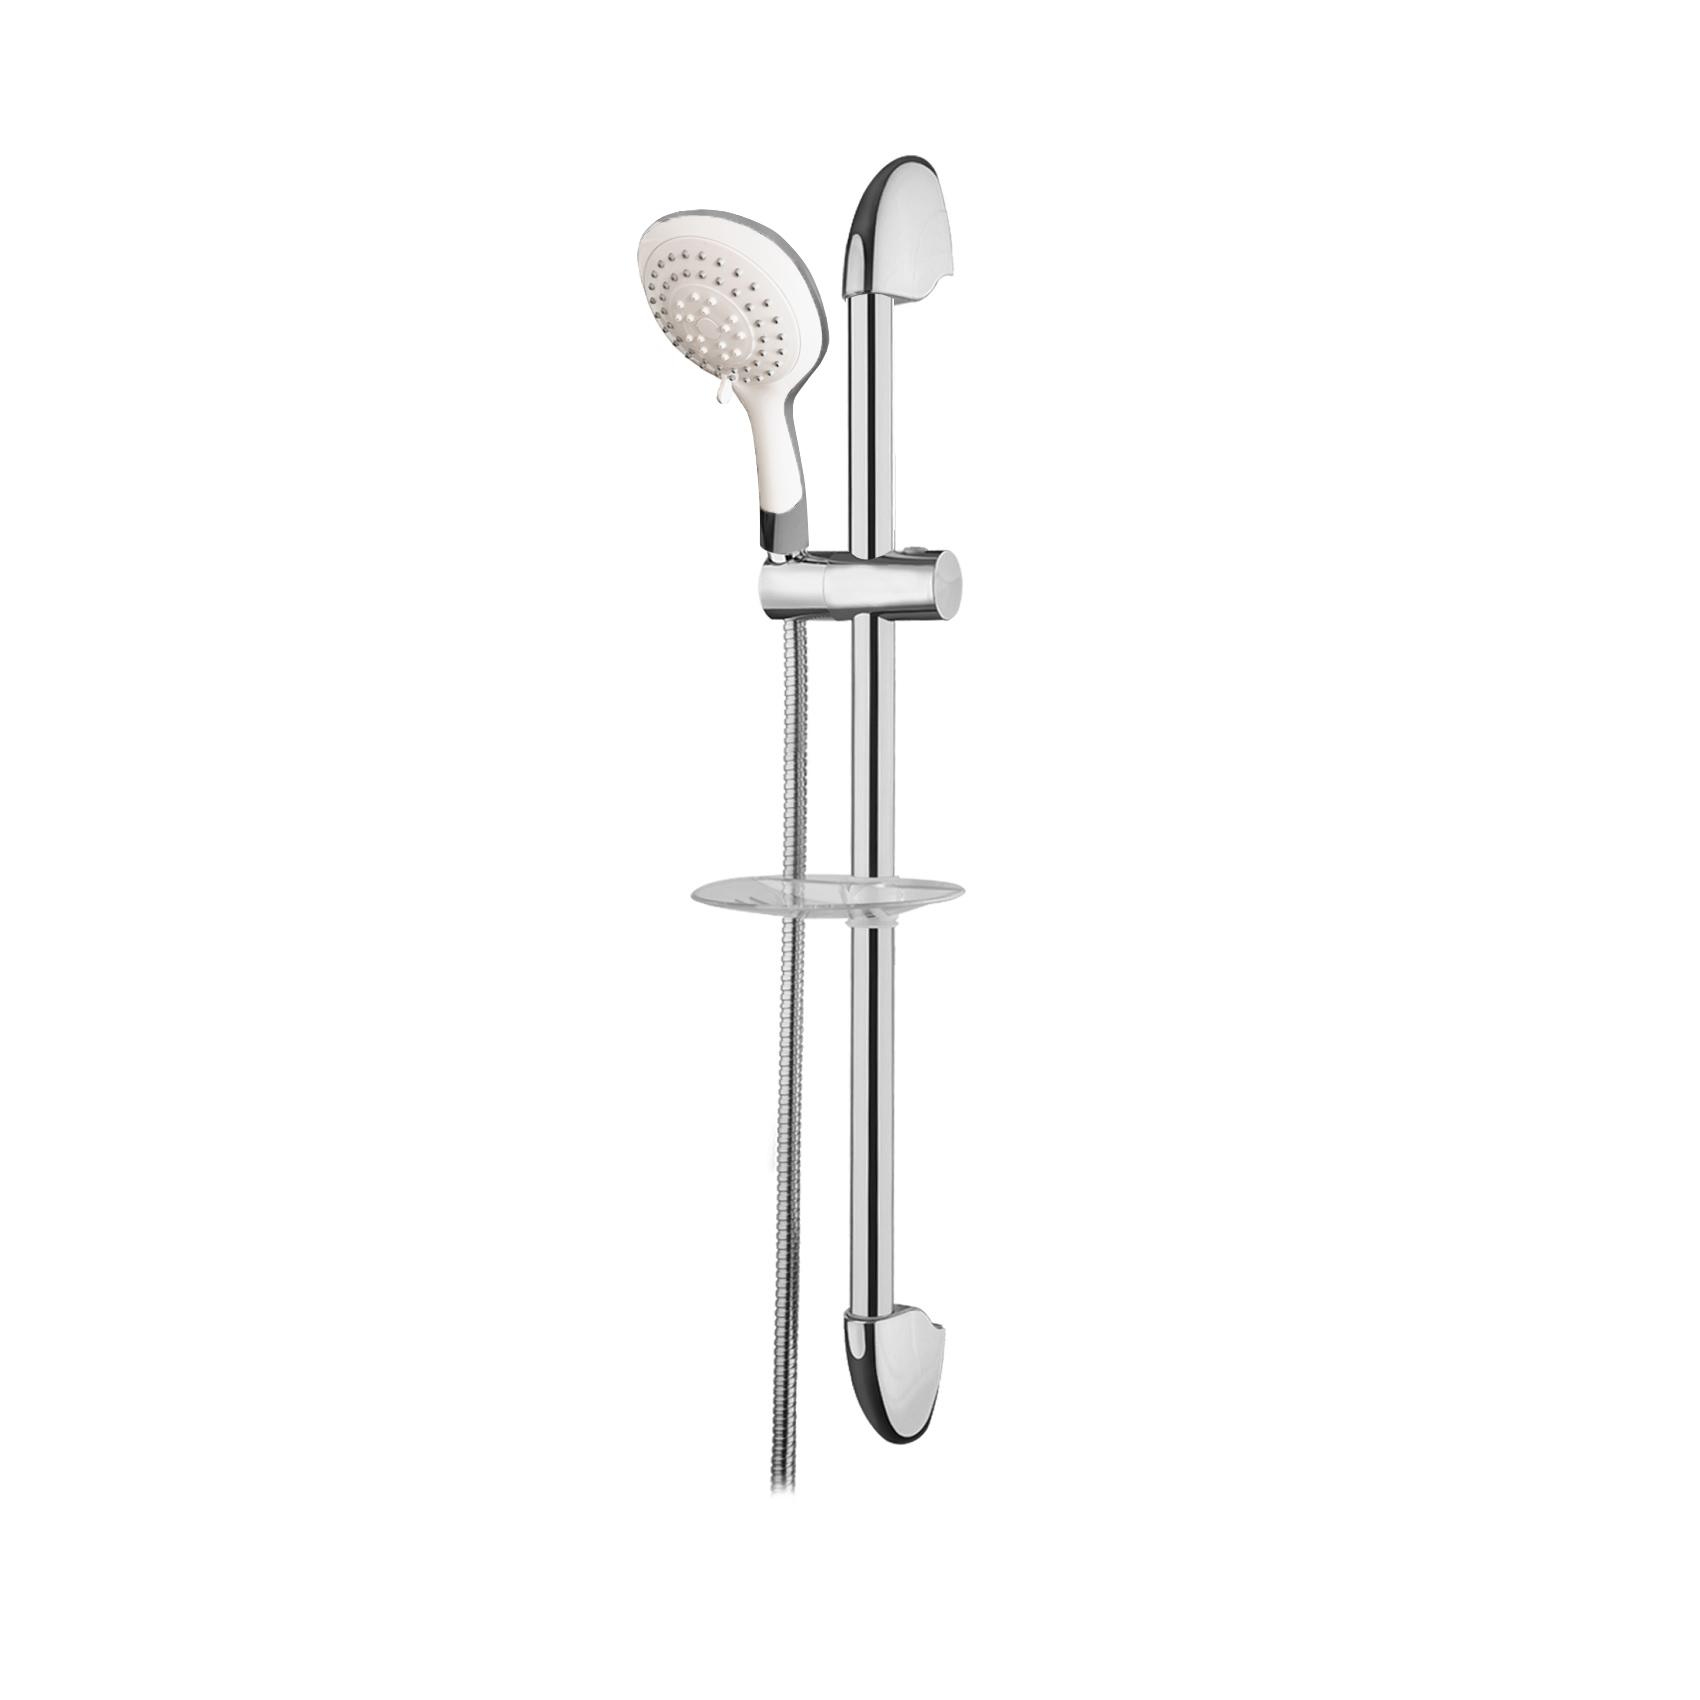 دوش حمام شیرکس مدل رویال              خرید و قیمت